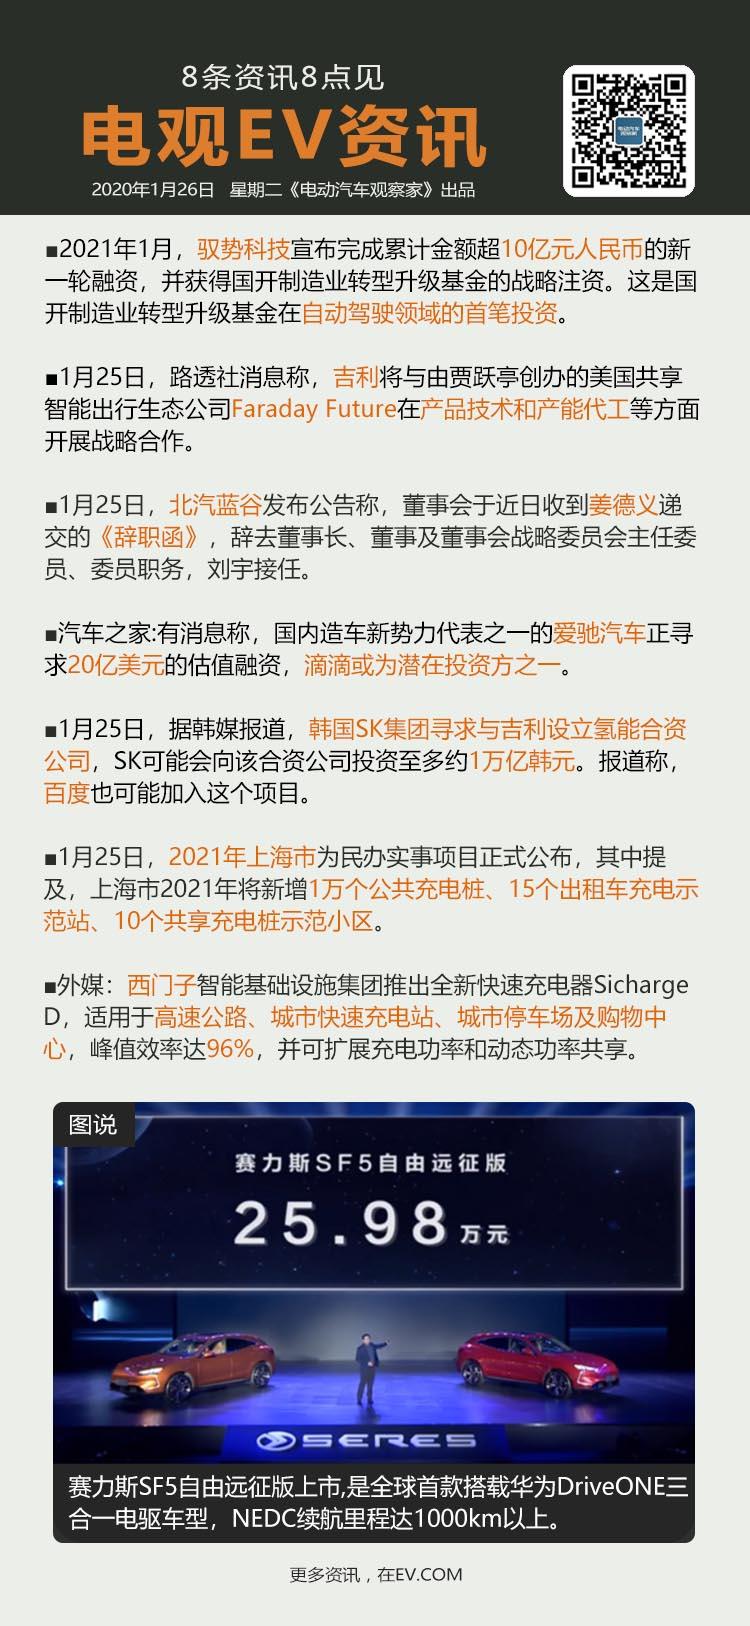 1月26日:驭势科技完成10亿元融资、吉利或将与FF合作、刘宇接任北汽蓝谷董事长